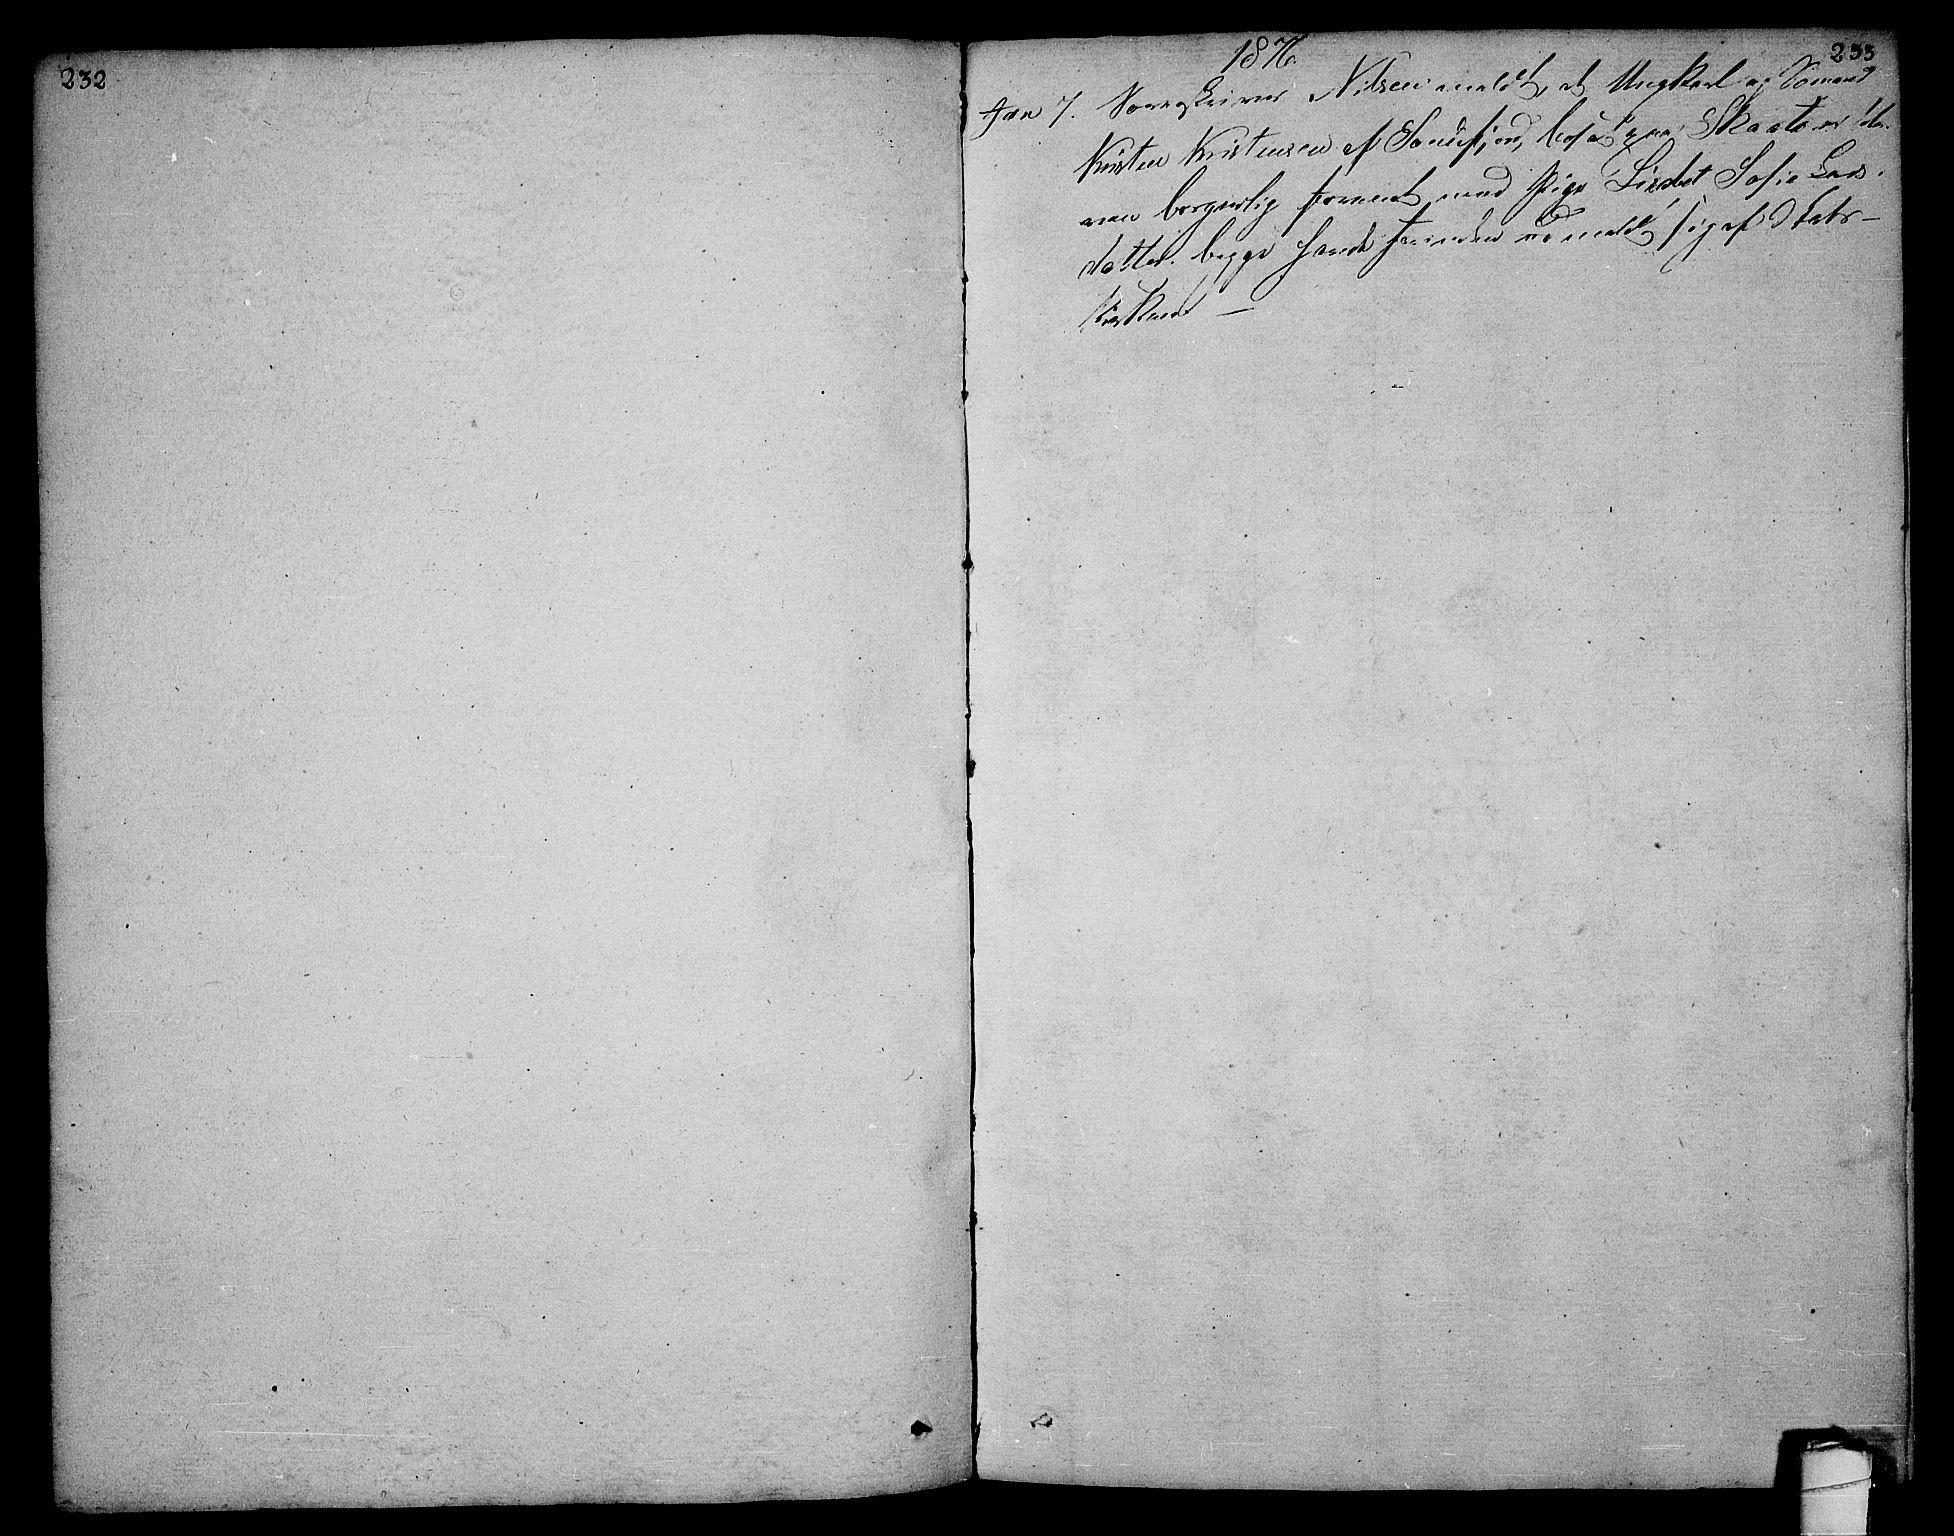 SAKO, Sannidal kirkebøker, F/Fa/L0003: Ministerialbok nr. 3, 1803-1813, s. 232-233